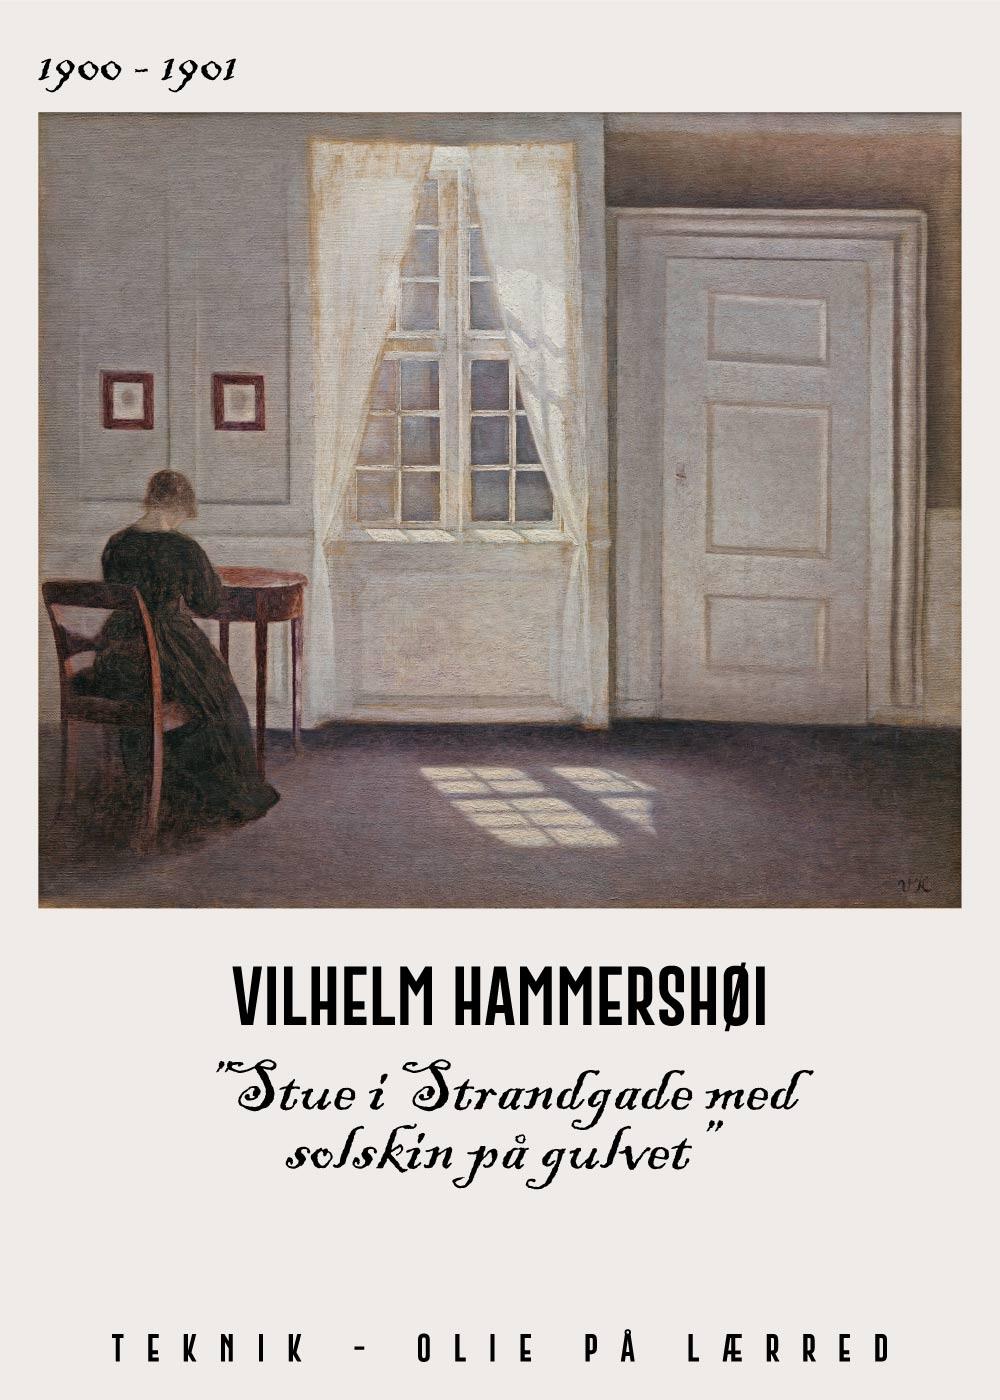 Billede af Stue i strandgade med solskin på gulvet - Vilhelm Hammershøi Kunstplakat